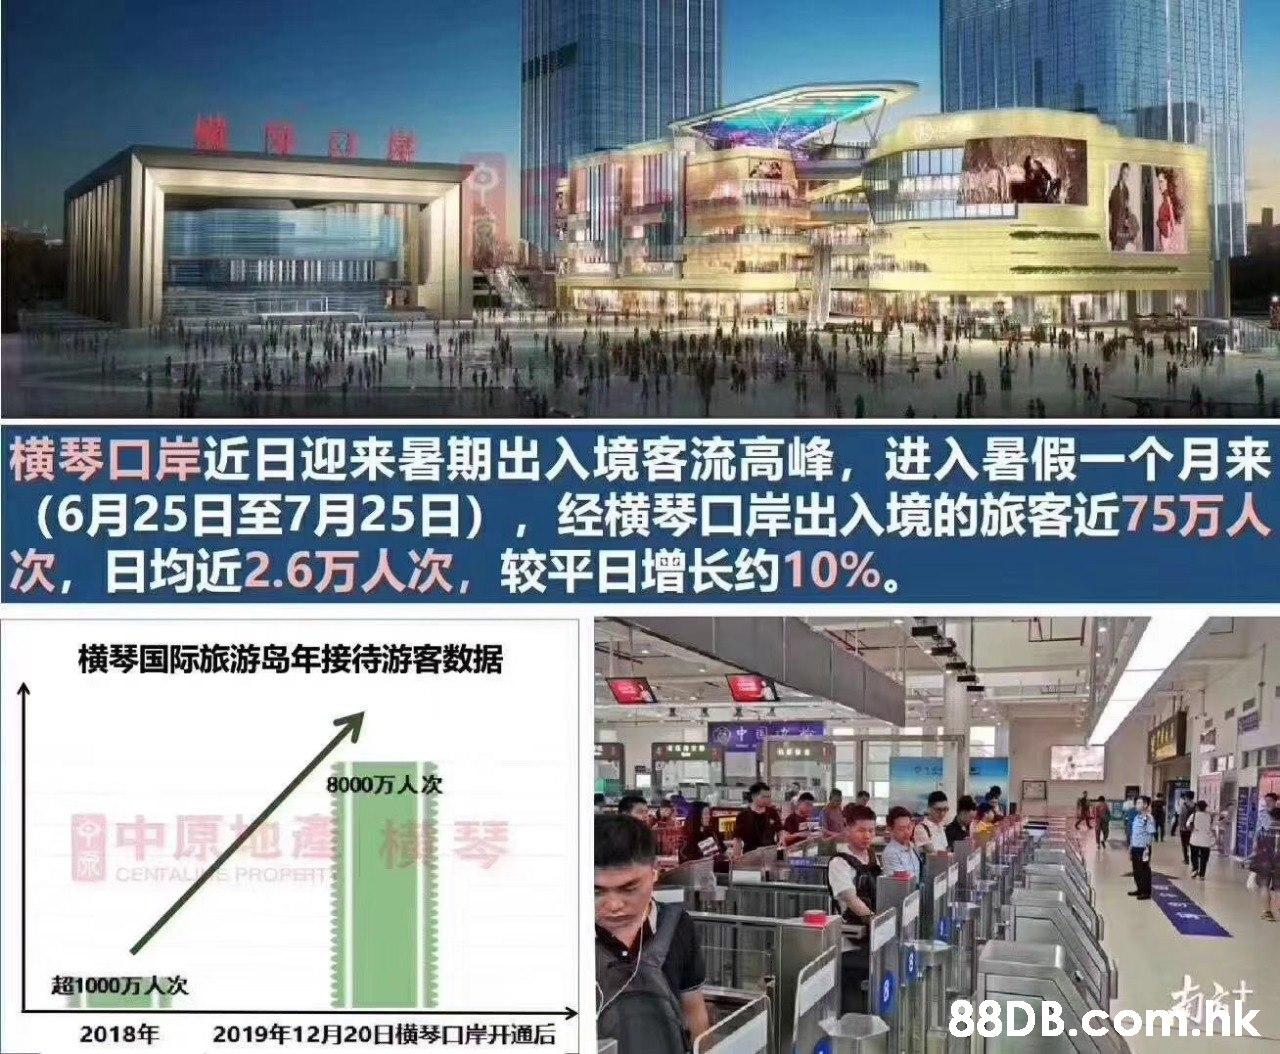 横琴口岸近日迎来暑期出入境客流高峰,进入暑假一个月来 (6月25日至7月25日),经横琴口岸出入境的旅客近75万人 次,日均近2.6万人次,较平日增长约10%。 横琴国际旅游岛年接待游客数据 915 8000万人次 中原灣桂琴 CENTALIE PROPERT 超1000万人次 .hk 2019年12月20日横琴口岸开通后 2018年  Product,Transport,Building,Architecture,